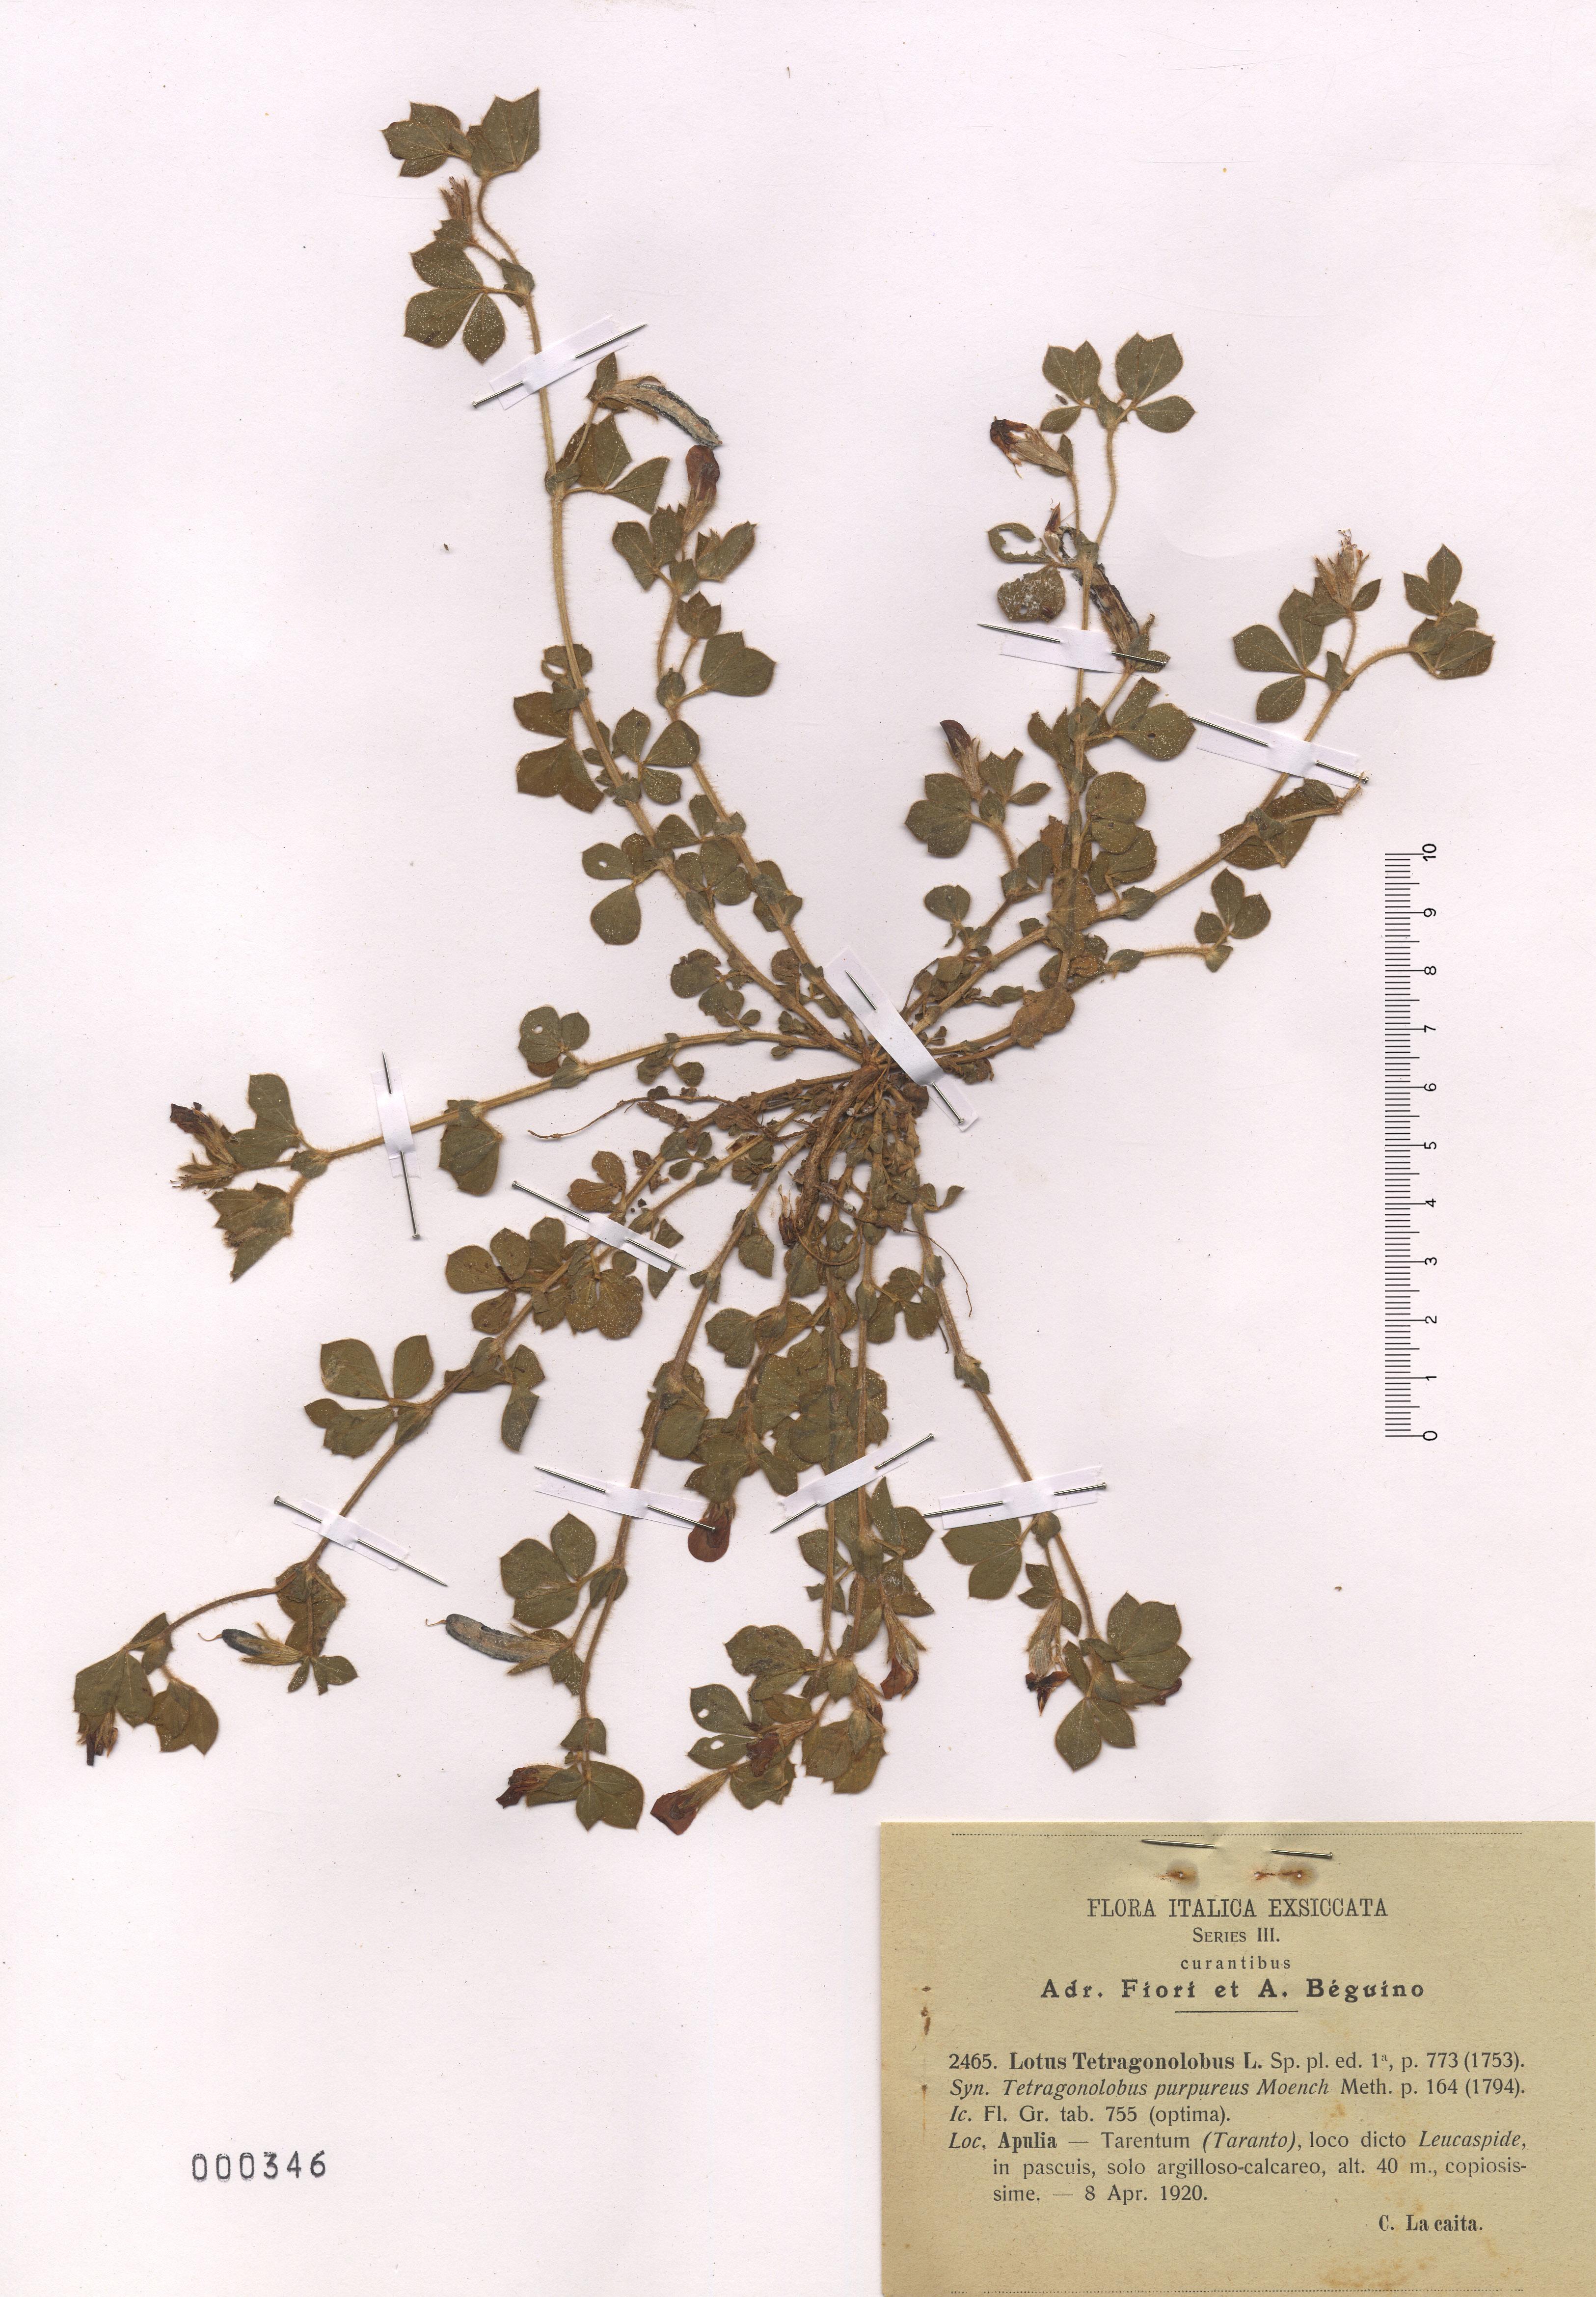 © Hortus Botanicus Catinensis - Herb. sheet  000346<br>